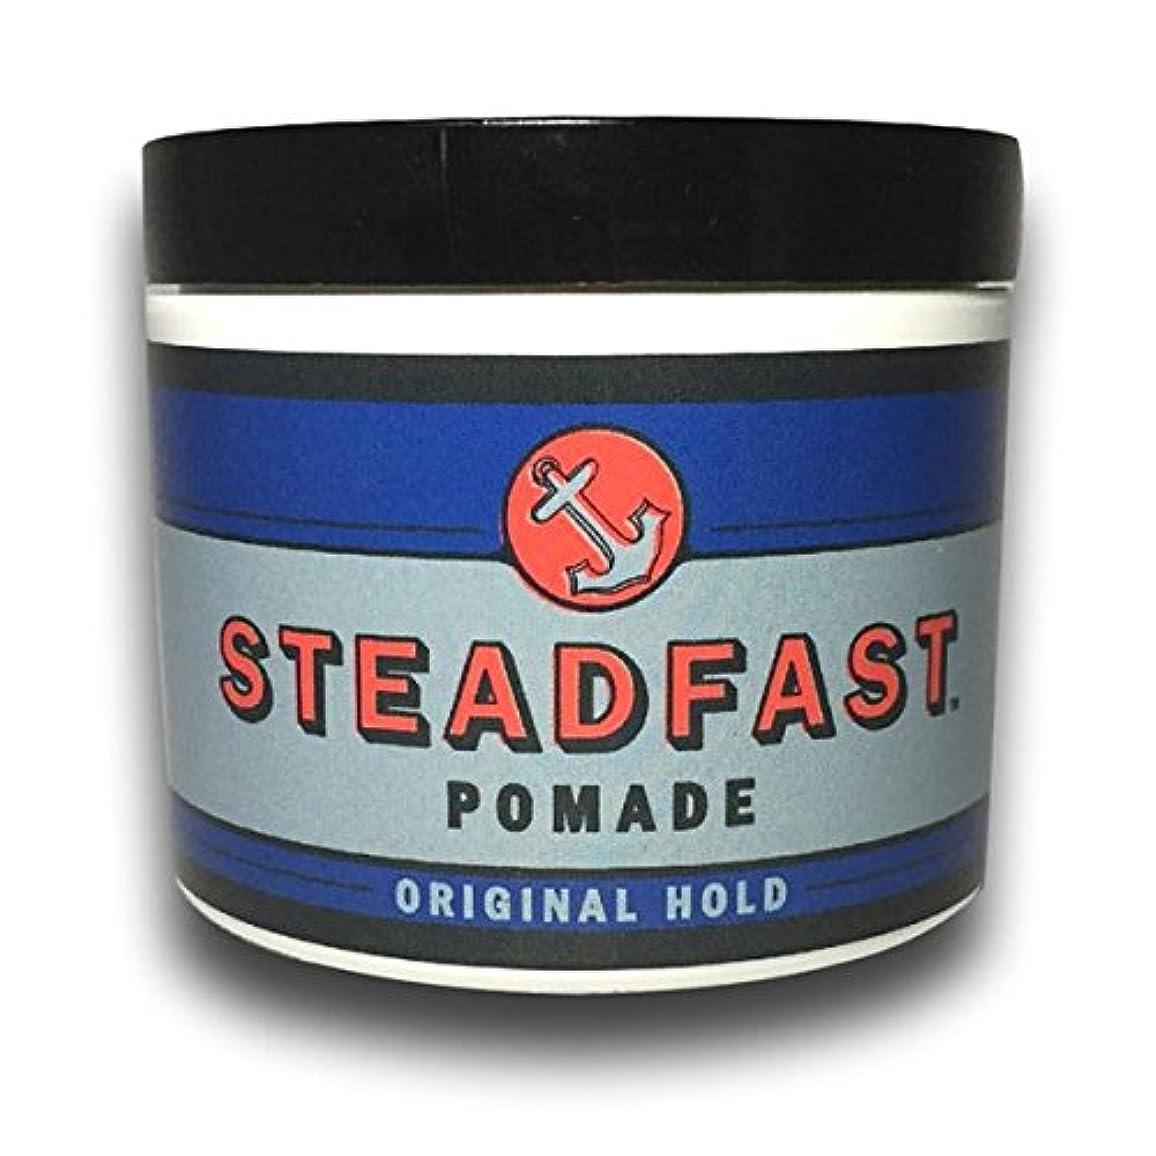 感度大声で息苦しい【Steadfast Pomade】 ステッドファスト ポマード 【Original Hold】 水性ポマード オリジナルホールド 4oz(113.39g) MADE IN U.S.A